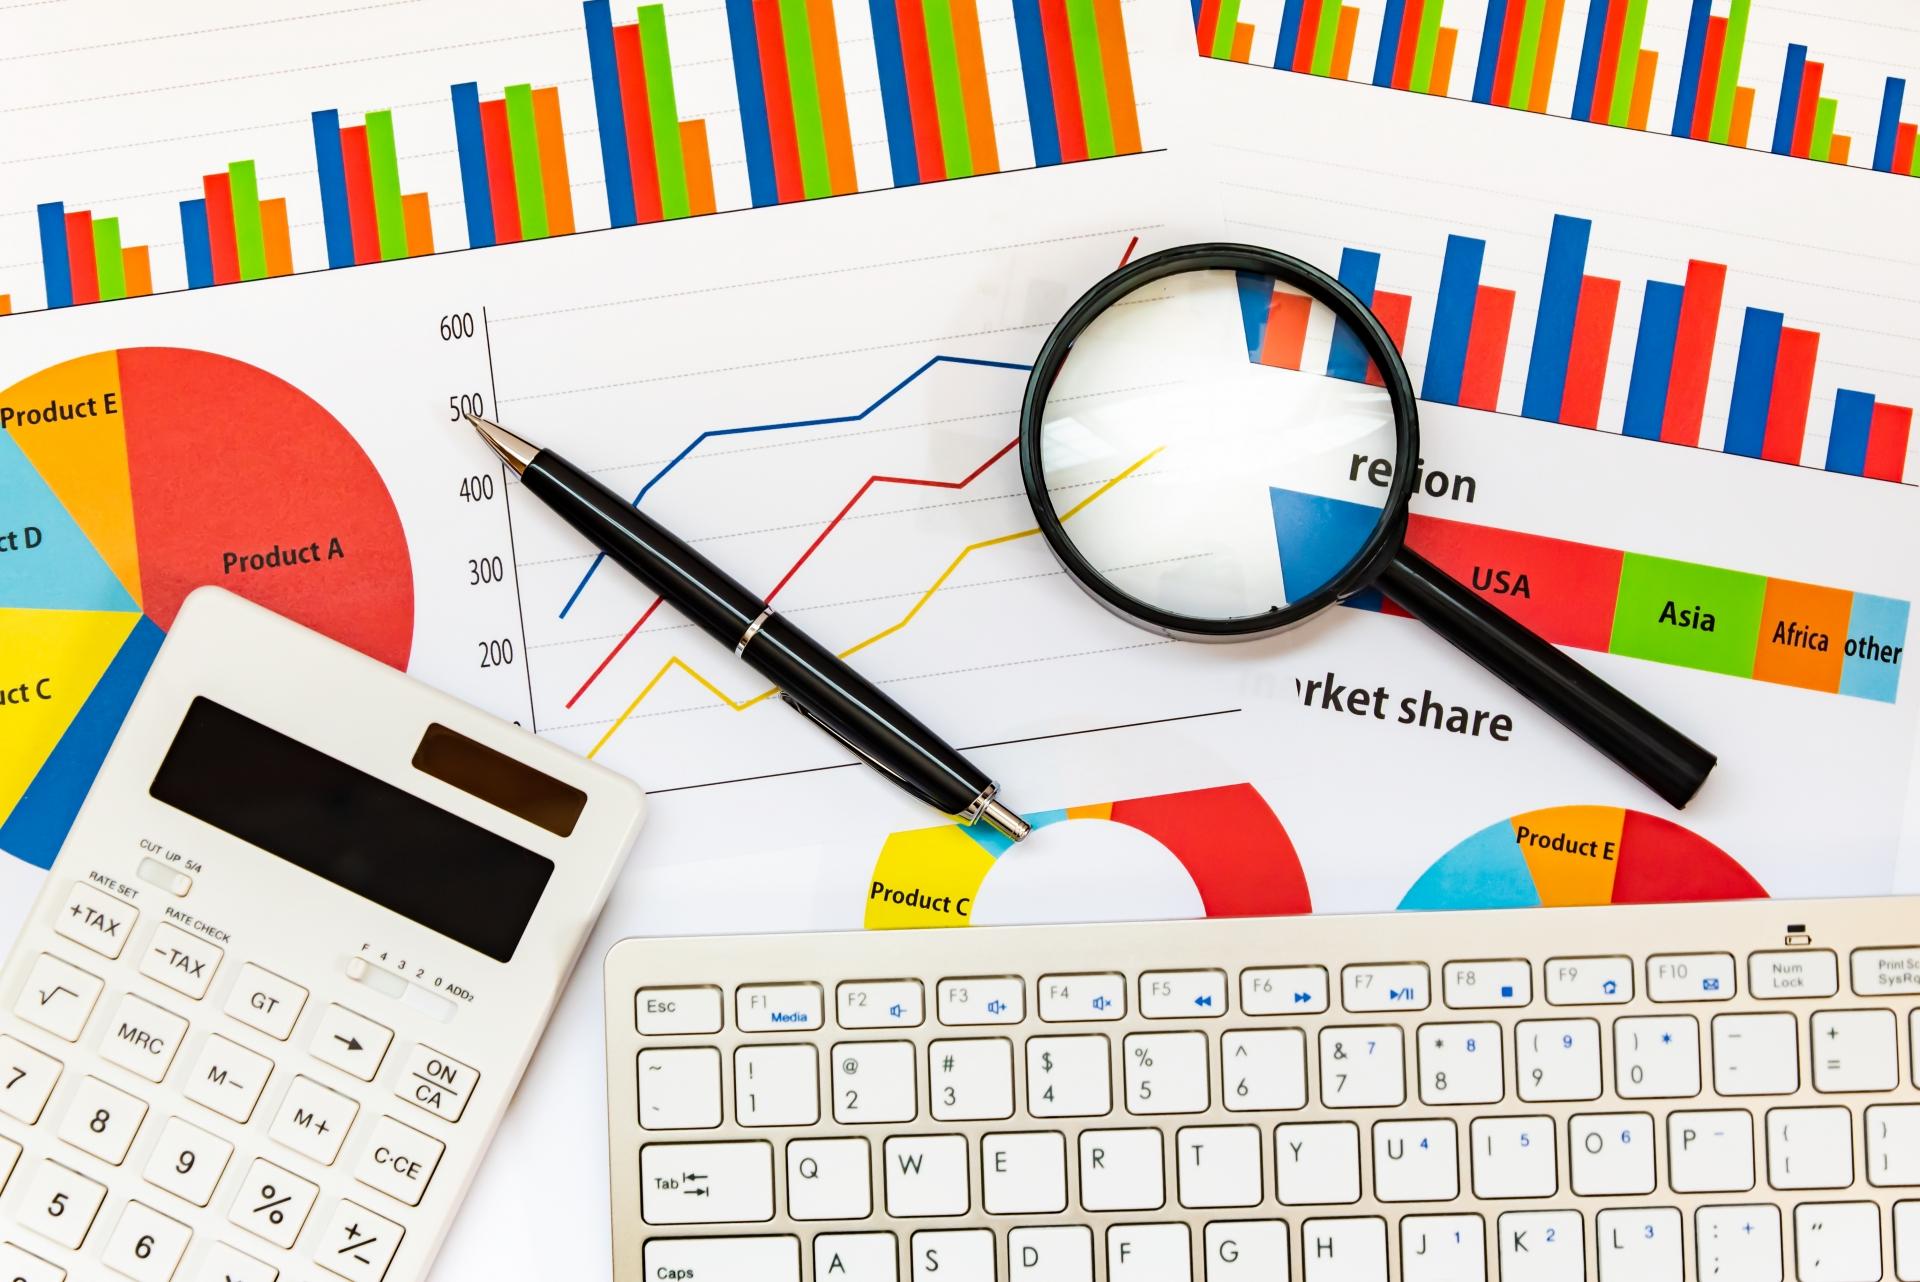 広告の費用対効果が判断できる『限界CPA』の計算方法とは?